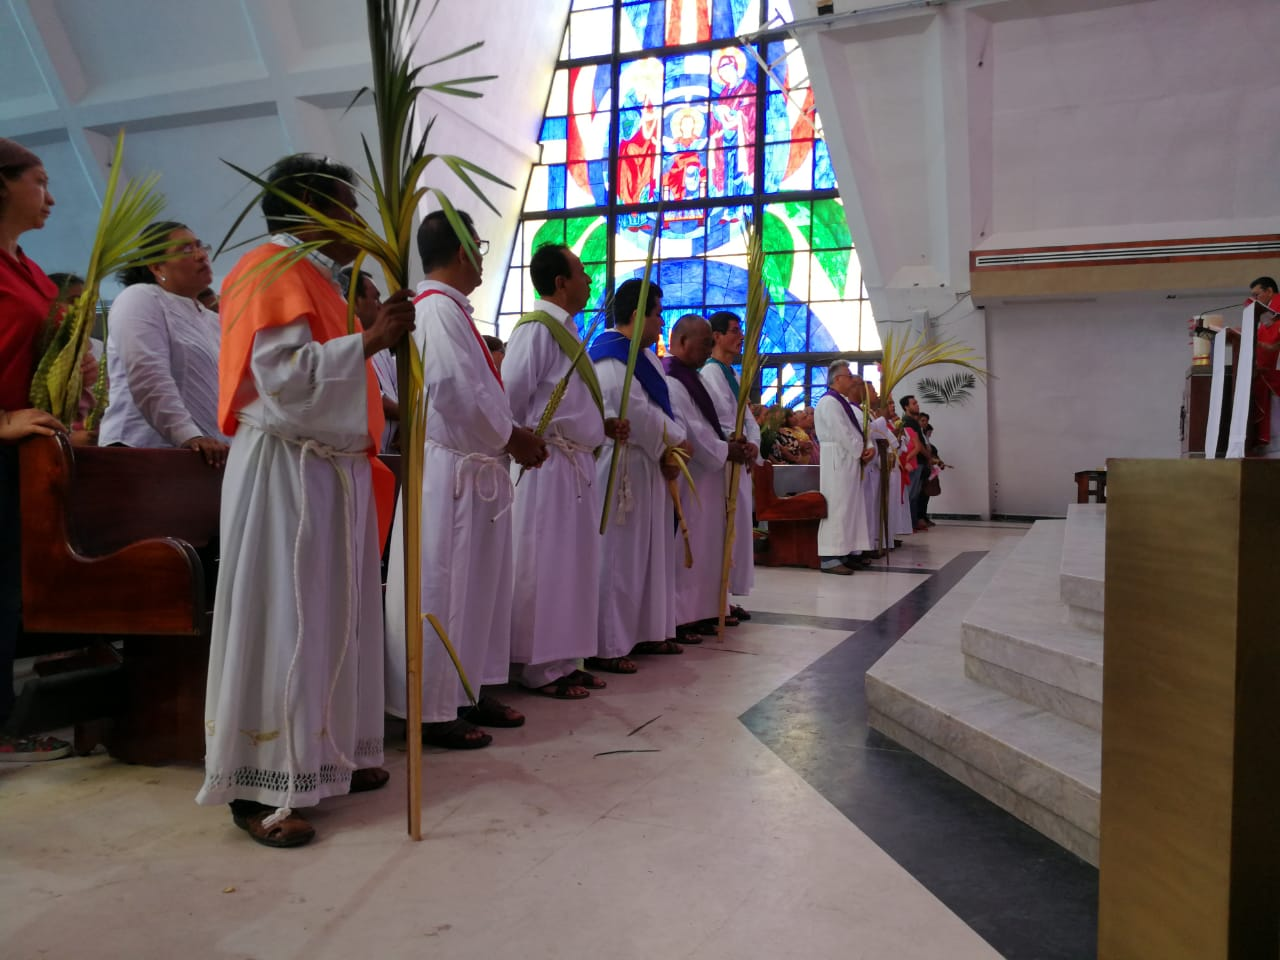 Inició celebración más importante de la iglesia católica con el Domingo de Ramos